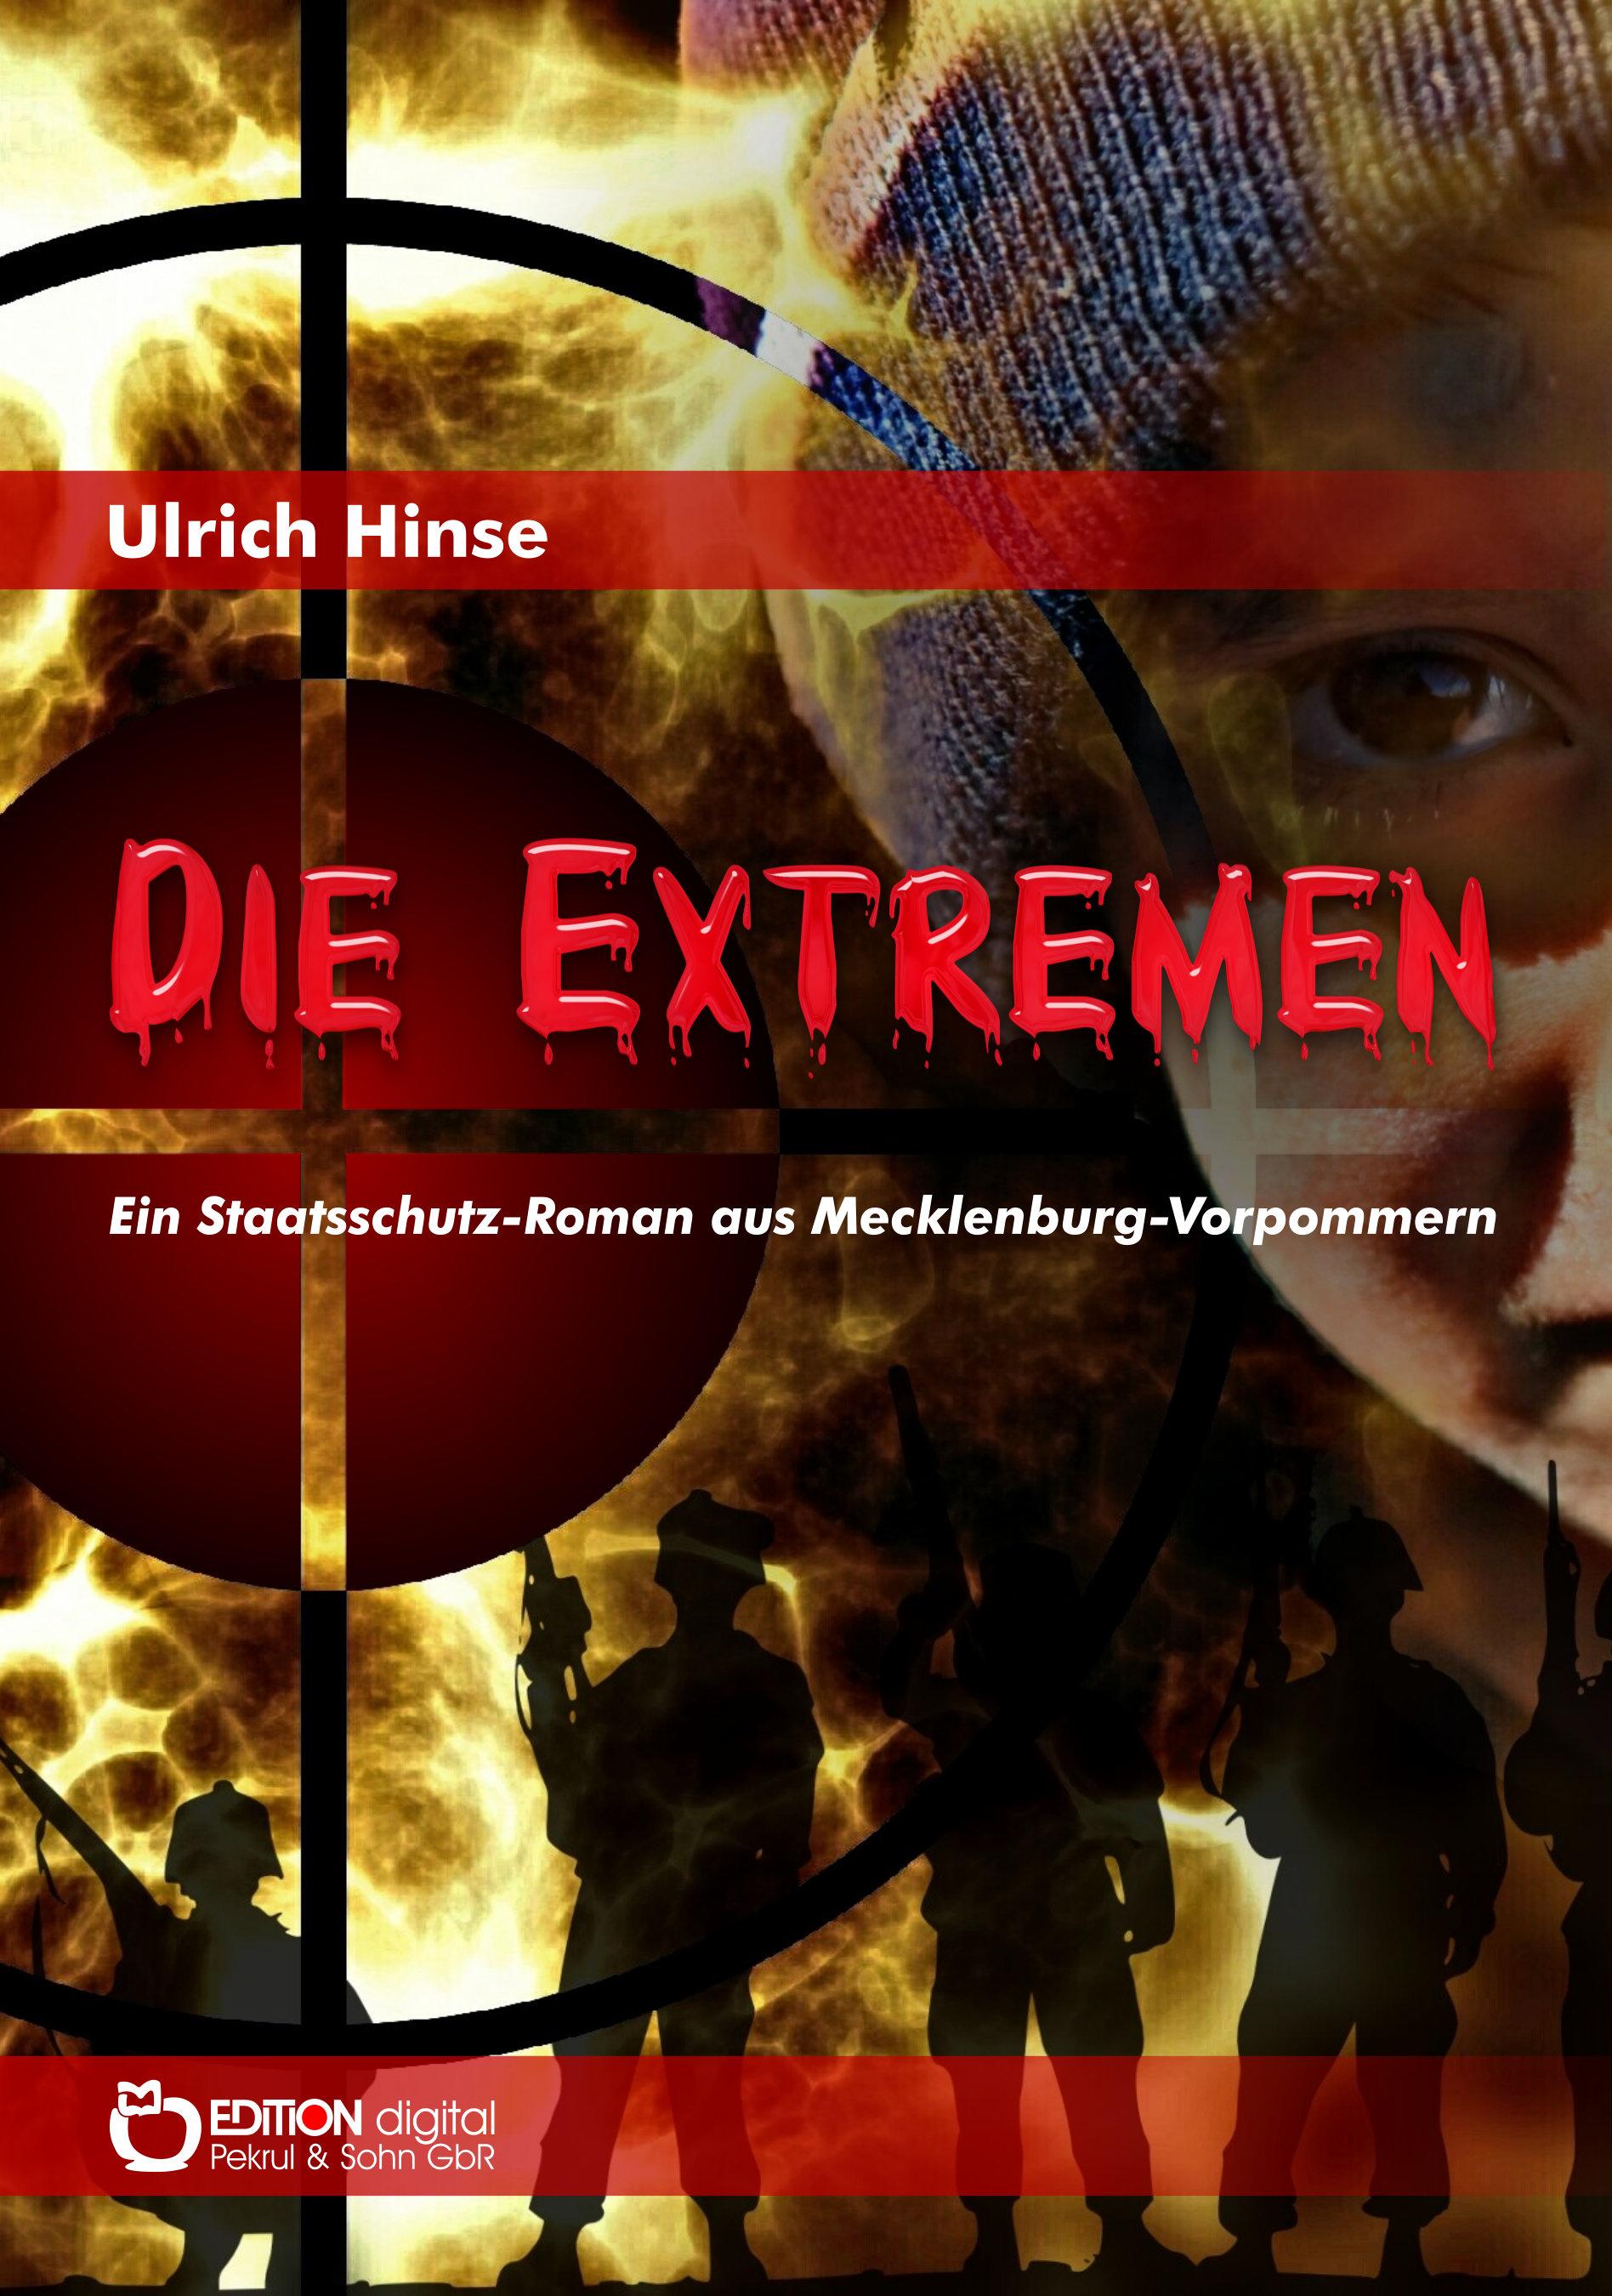 Die Extremen. Ein Staatsschutzroman aus Mecklenburg-Vorpommern von Ulrich Hinse